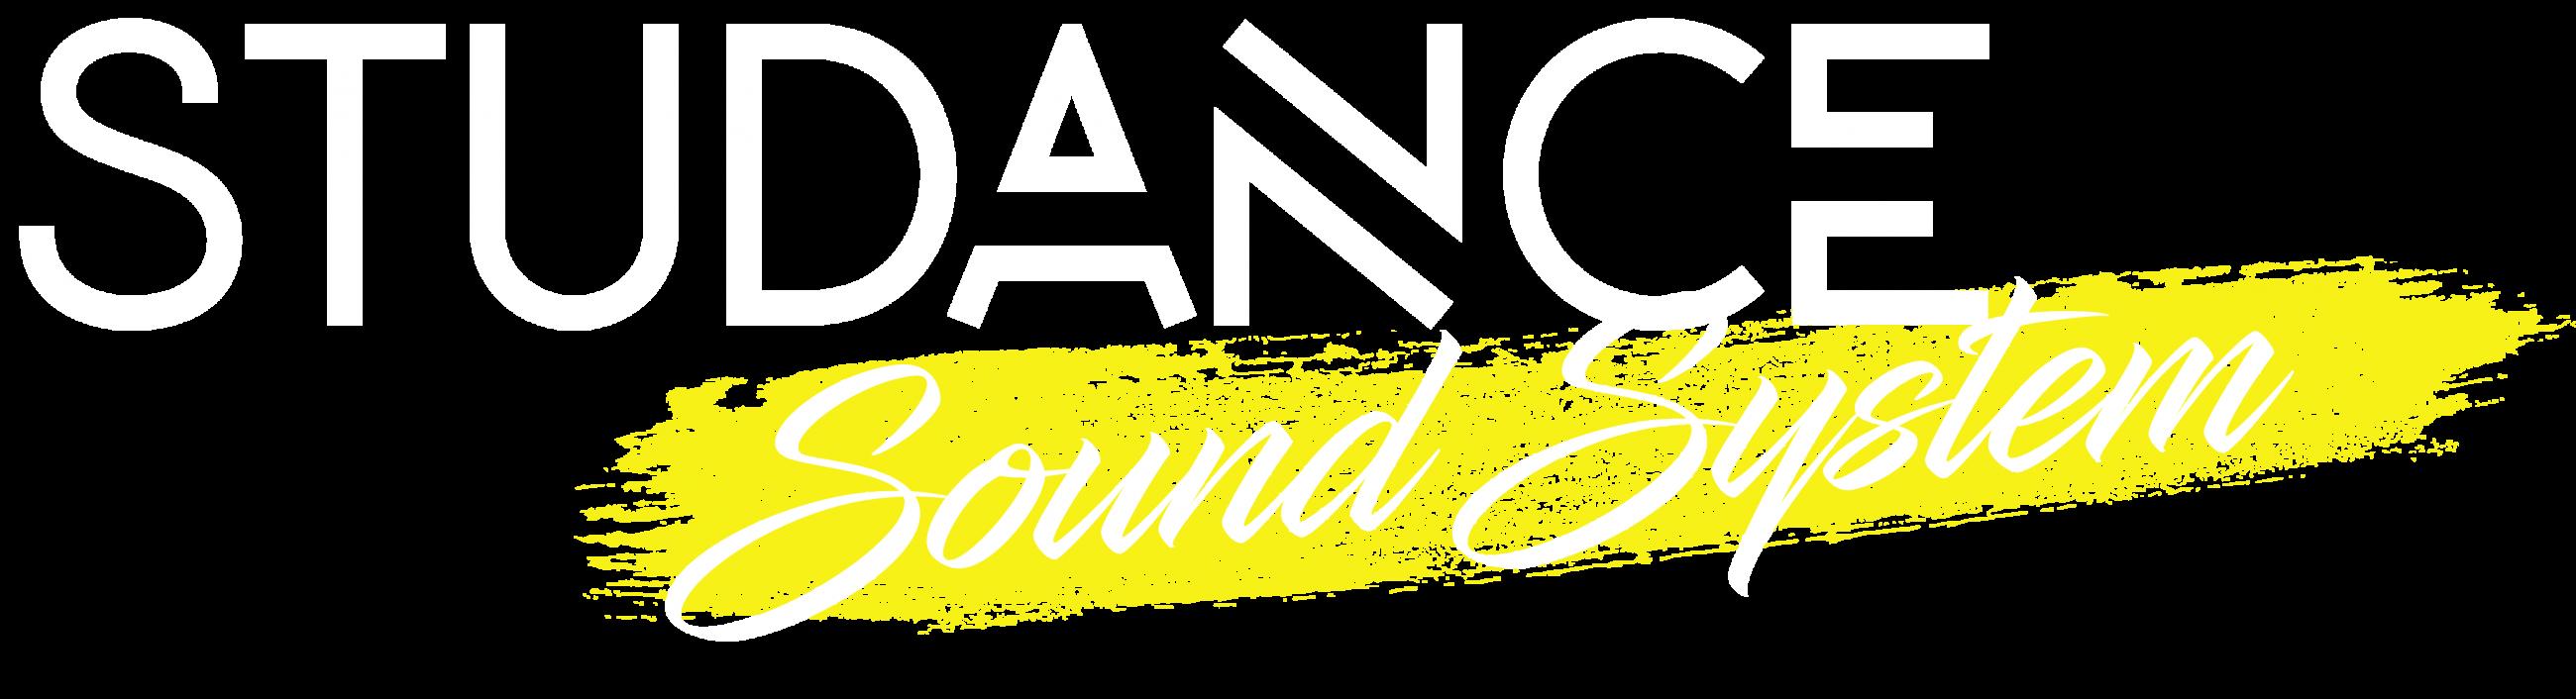 studance_sound_system_3